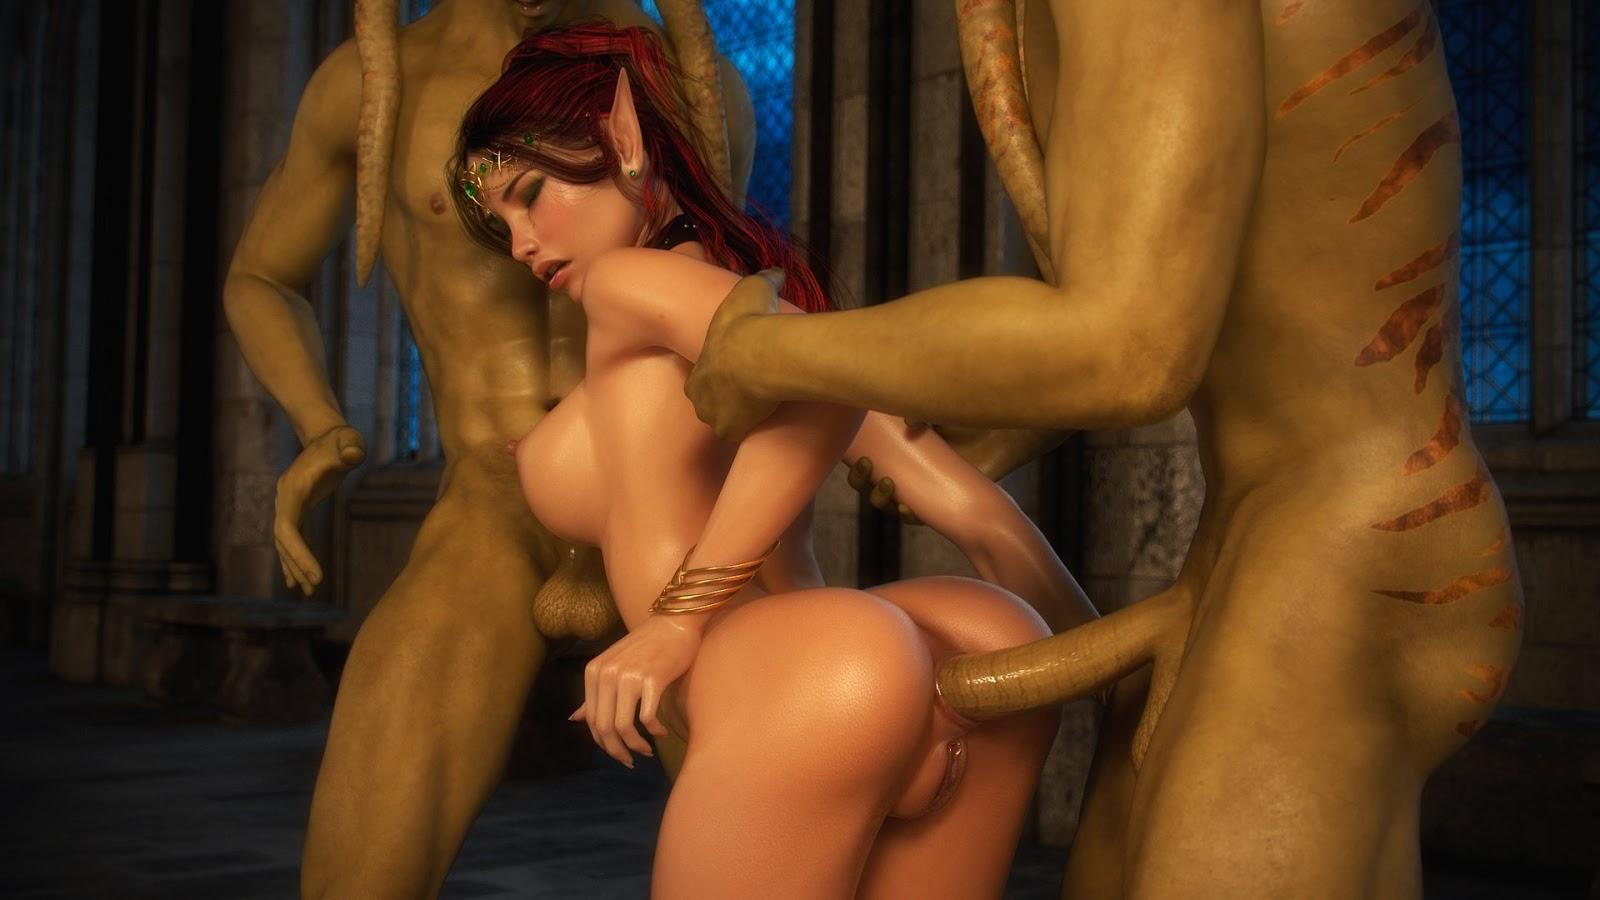 Elven porno imagenes nudes tube